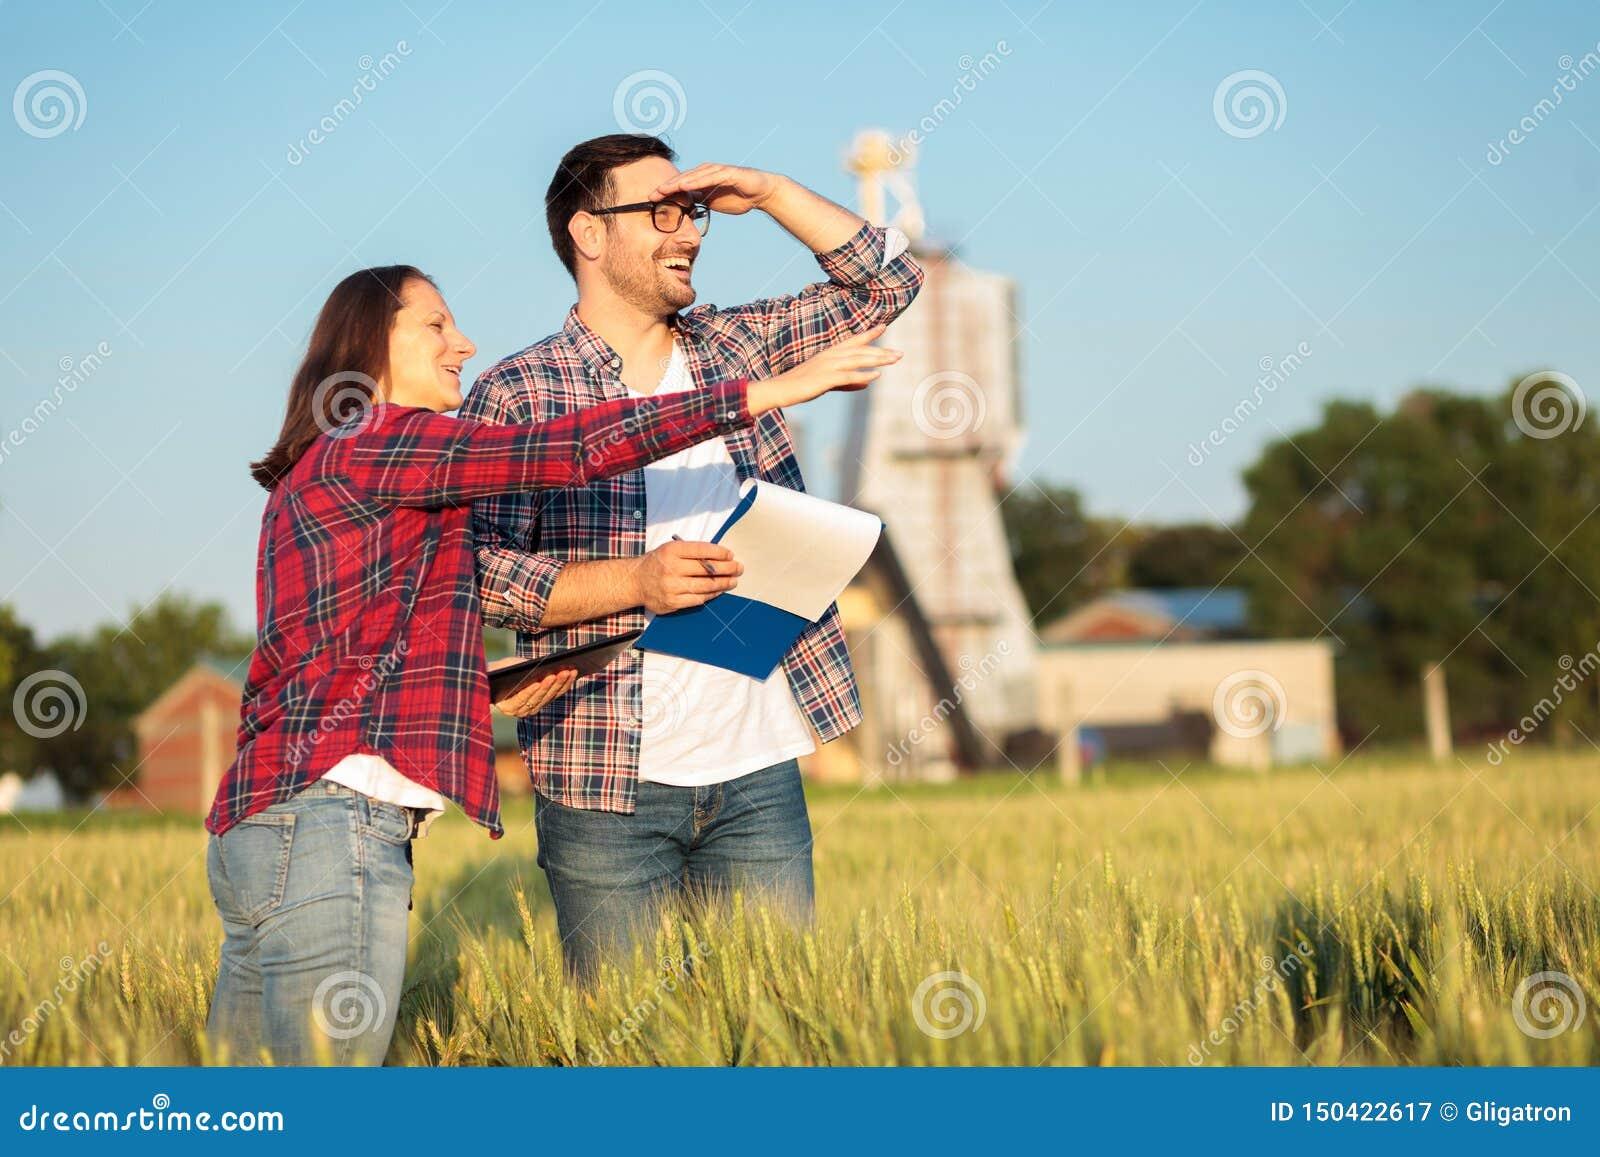 Οι ευτυχείς νέοι θηλυκοί και αρσενικοί γεωπόνοι ή οι αγρότες που επιθεωρούν τους τομείς σίτου ενώπιον της γυναίκας συγκομιδών δεί